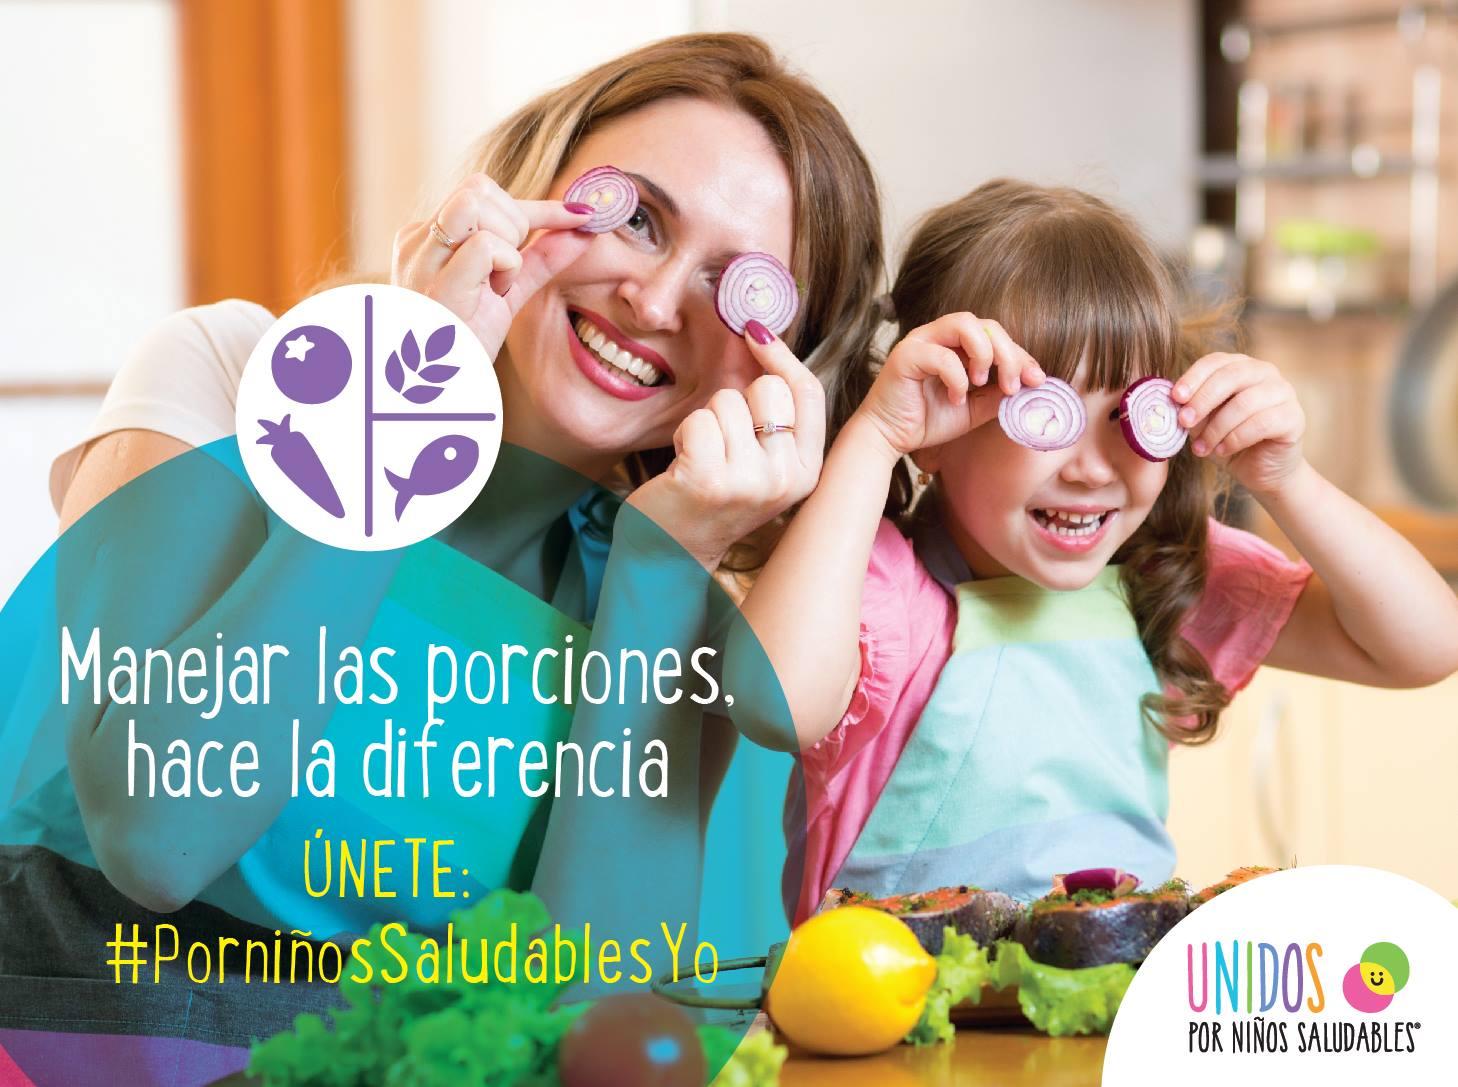 Sociedad Colombiana de Pediatría y Nestlé, 'Unidos por Niños Saludables'